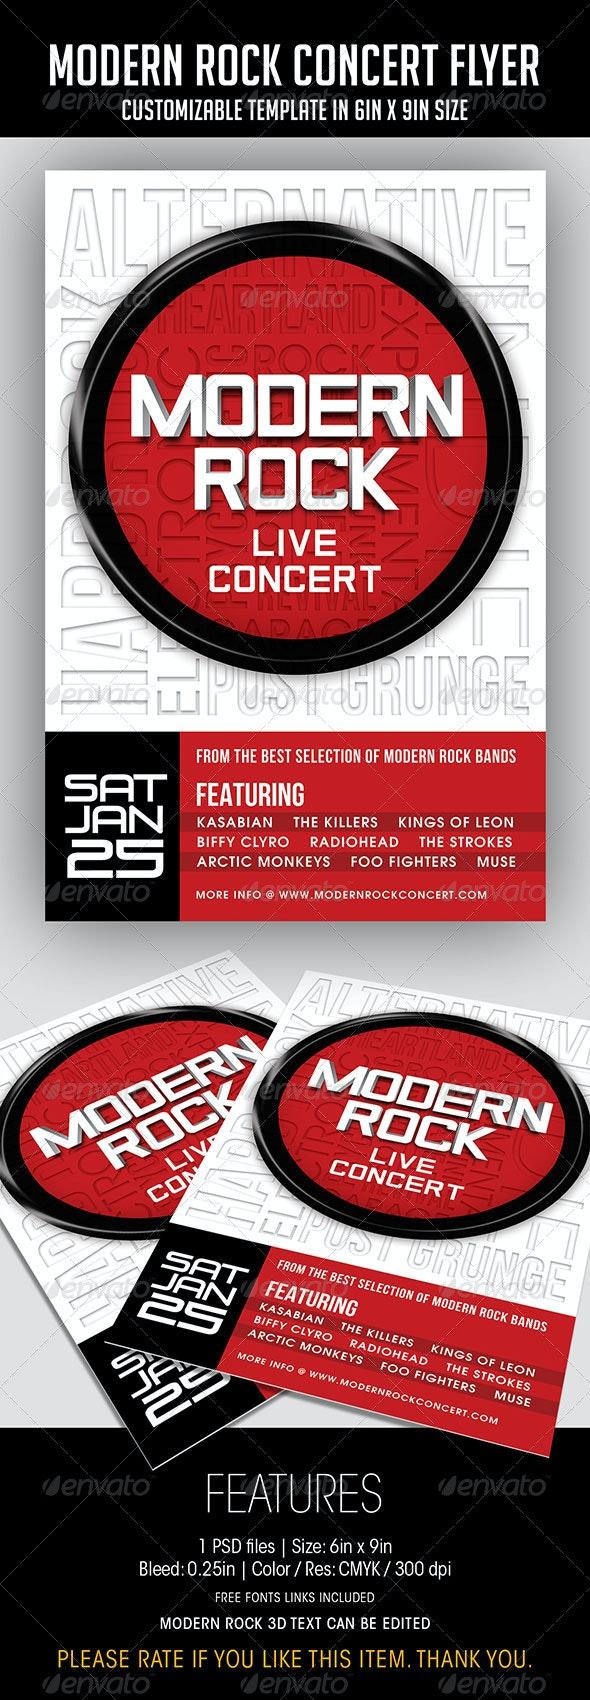 Modern Rock Concert Flyer - Concerts Events